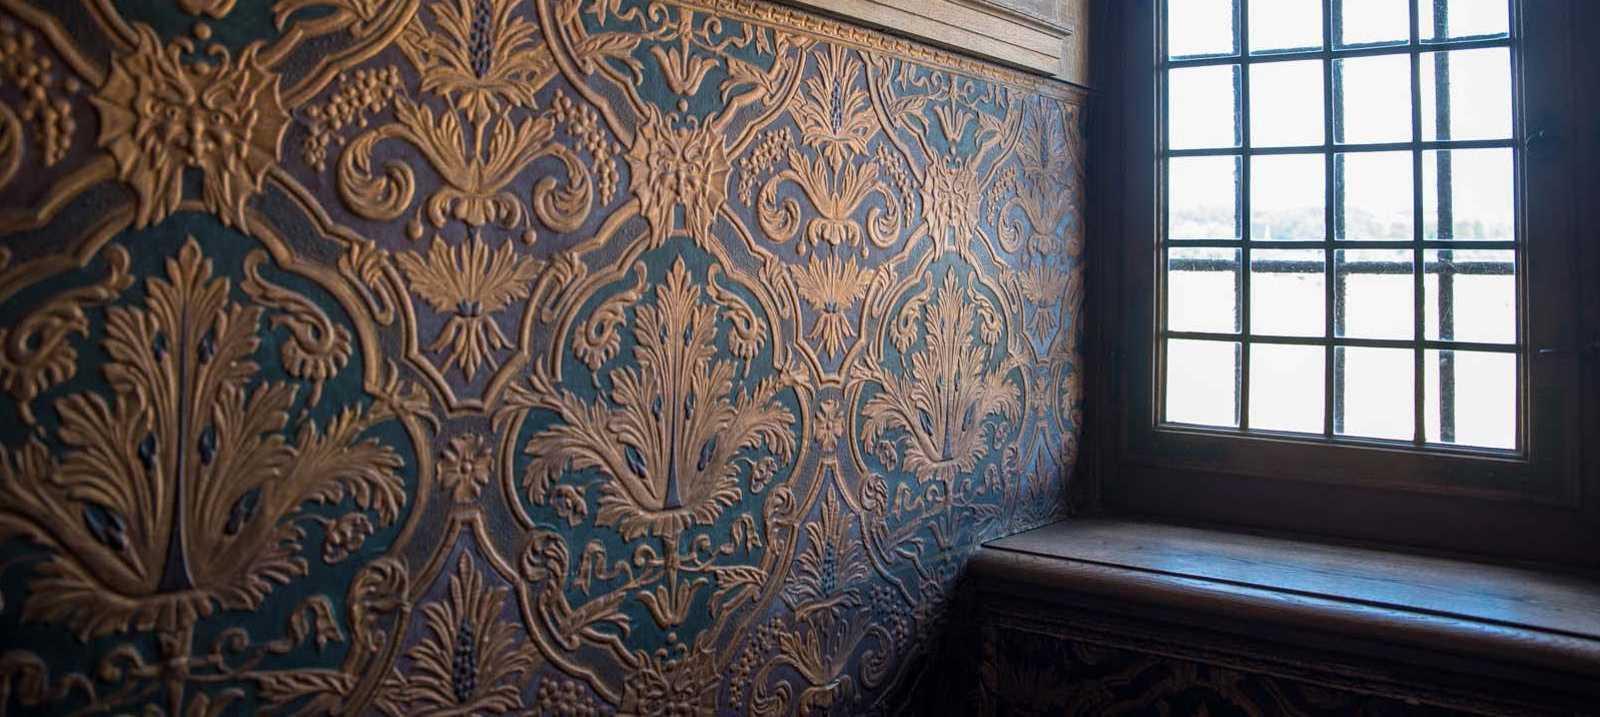 Fenster vor alter Wand